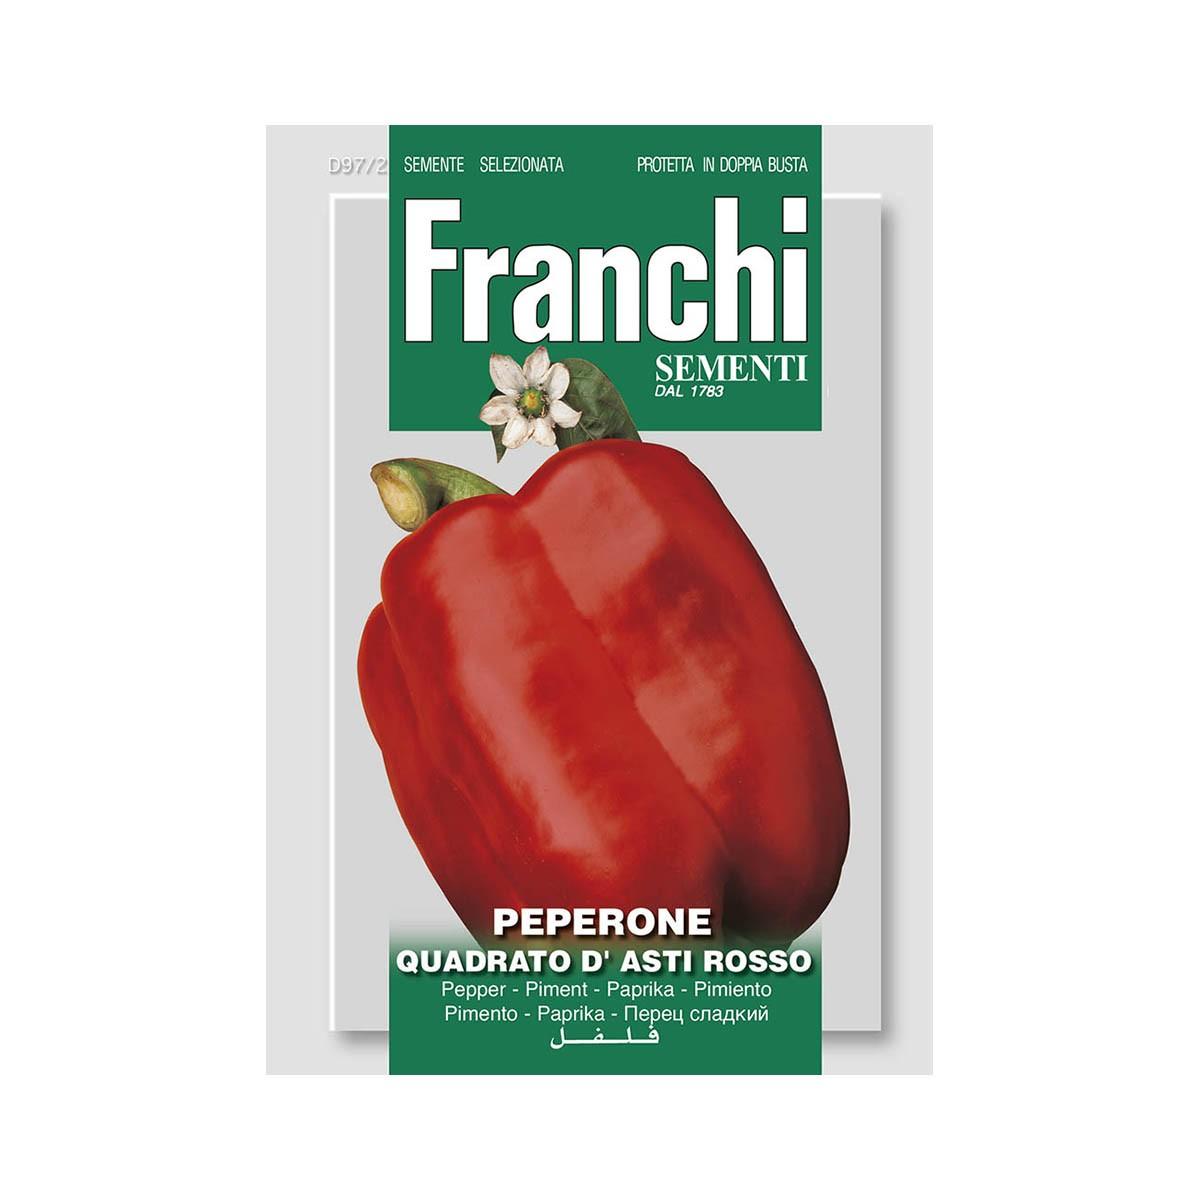 Semi Peperone Quadrato D'asti Rosso